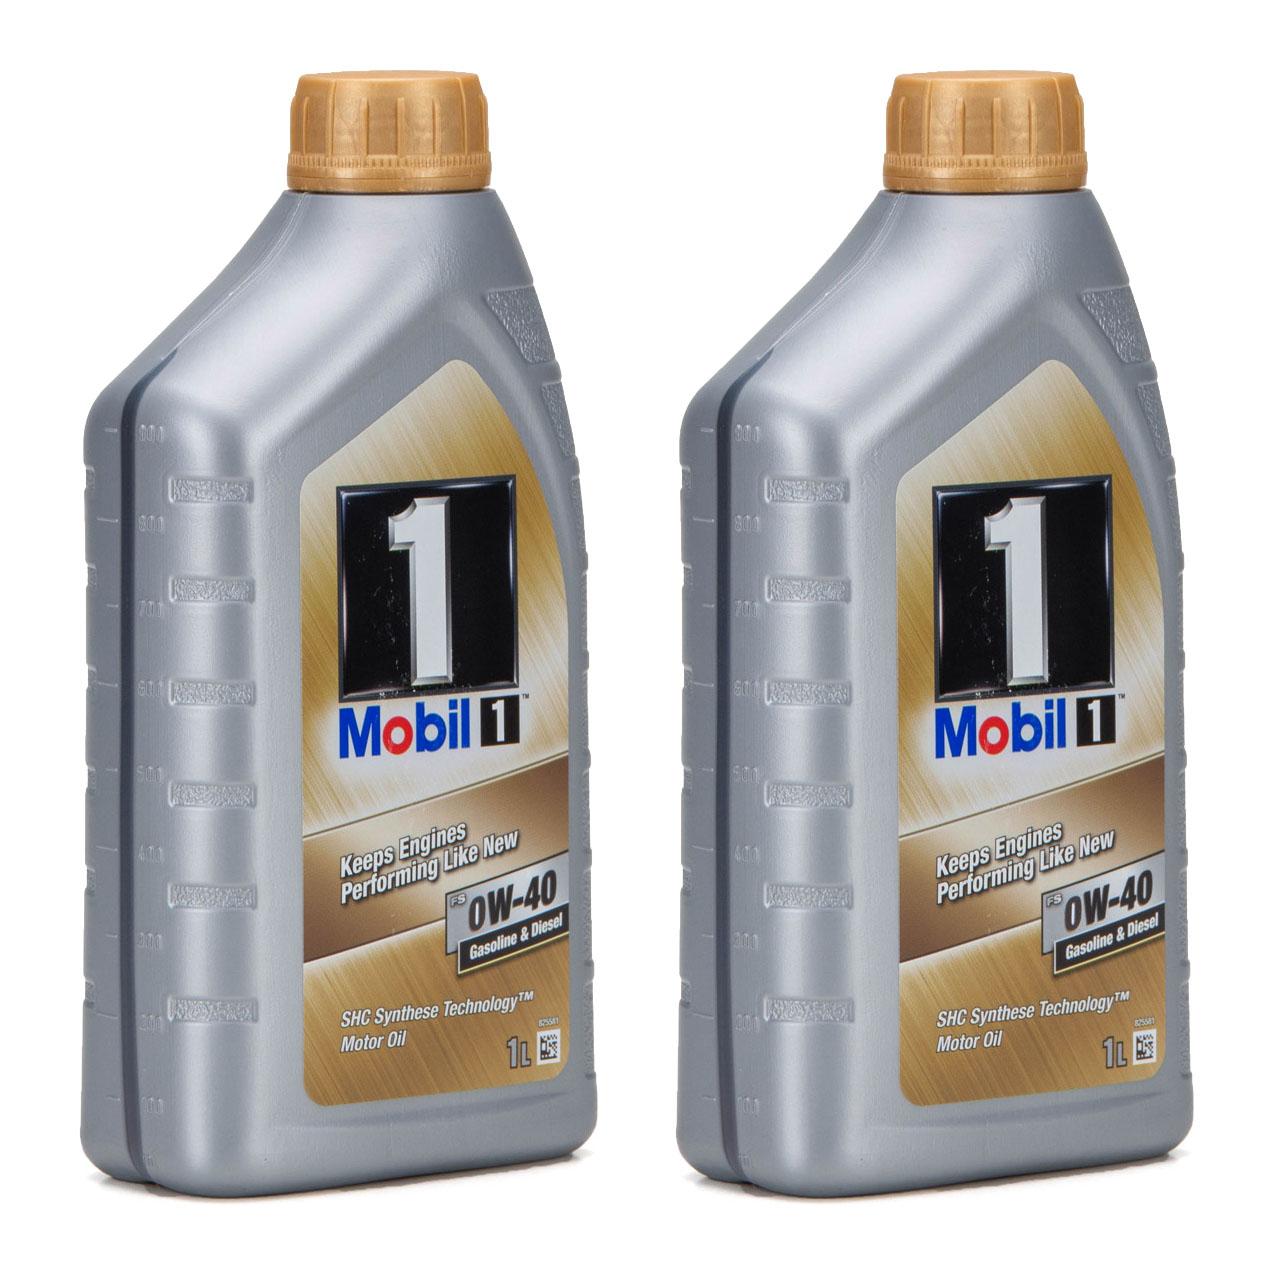 Mobil 1 FS Motoröl Öl 0W-40 0W40 MB PORSCHE A40 VW 502.00 505.00 - 2L 2 Liter